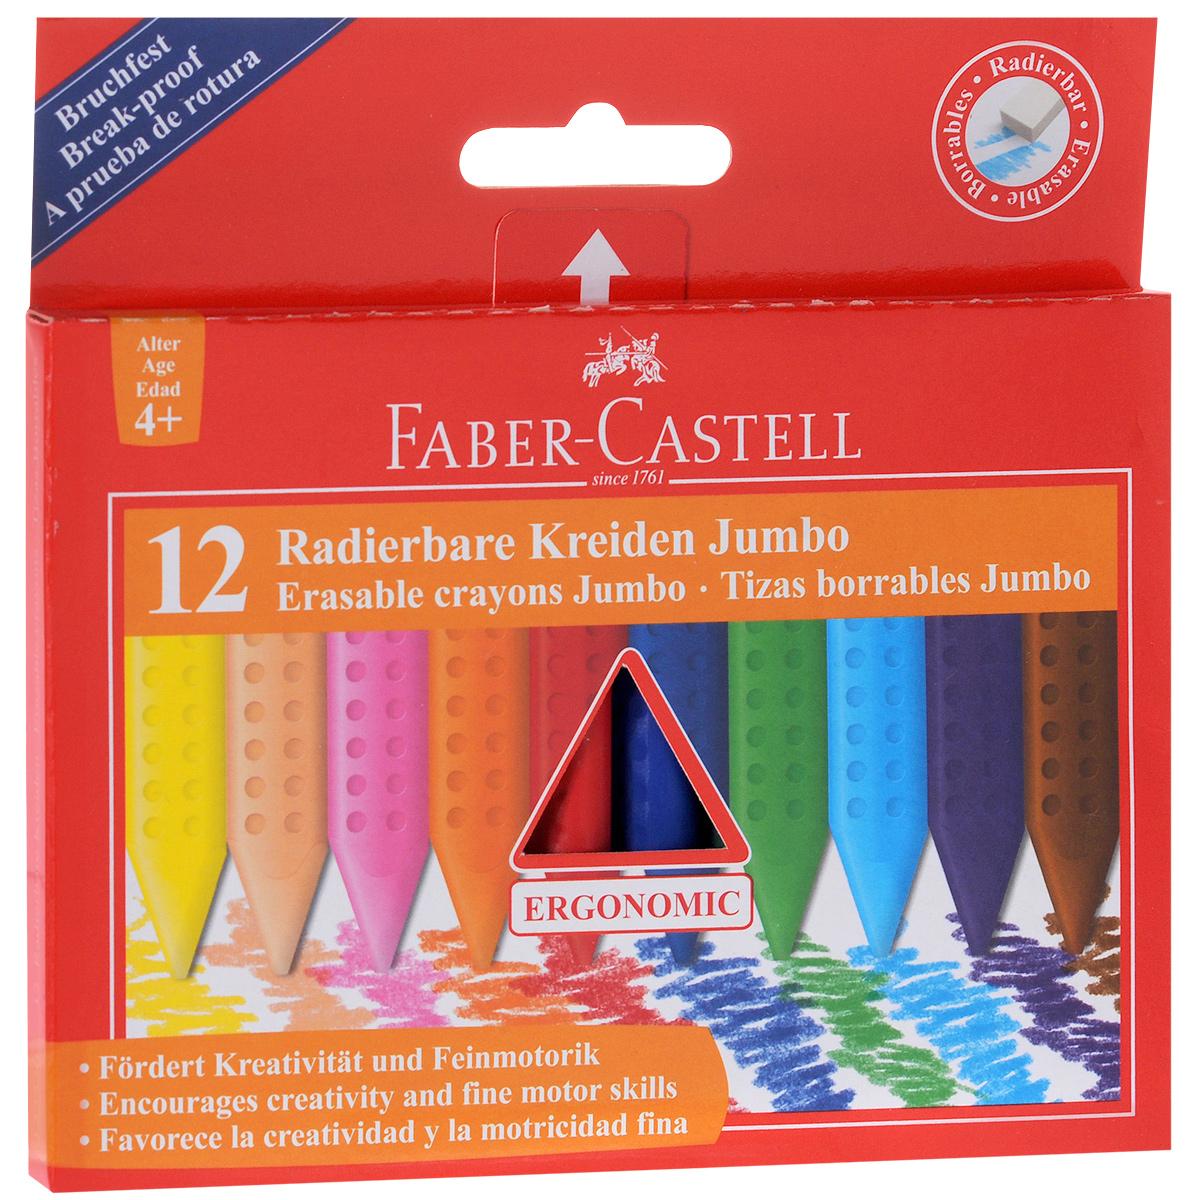 Восковые мелки Faber-Castell Radierbare Kreiden Jumbo, стирающиеся, 12 цветов карандаши восковые мелки пастель giotto мелки восковые мелки cera ast 24 цвета